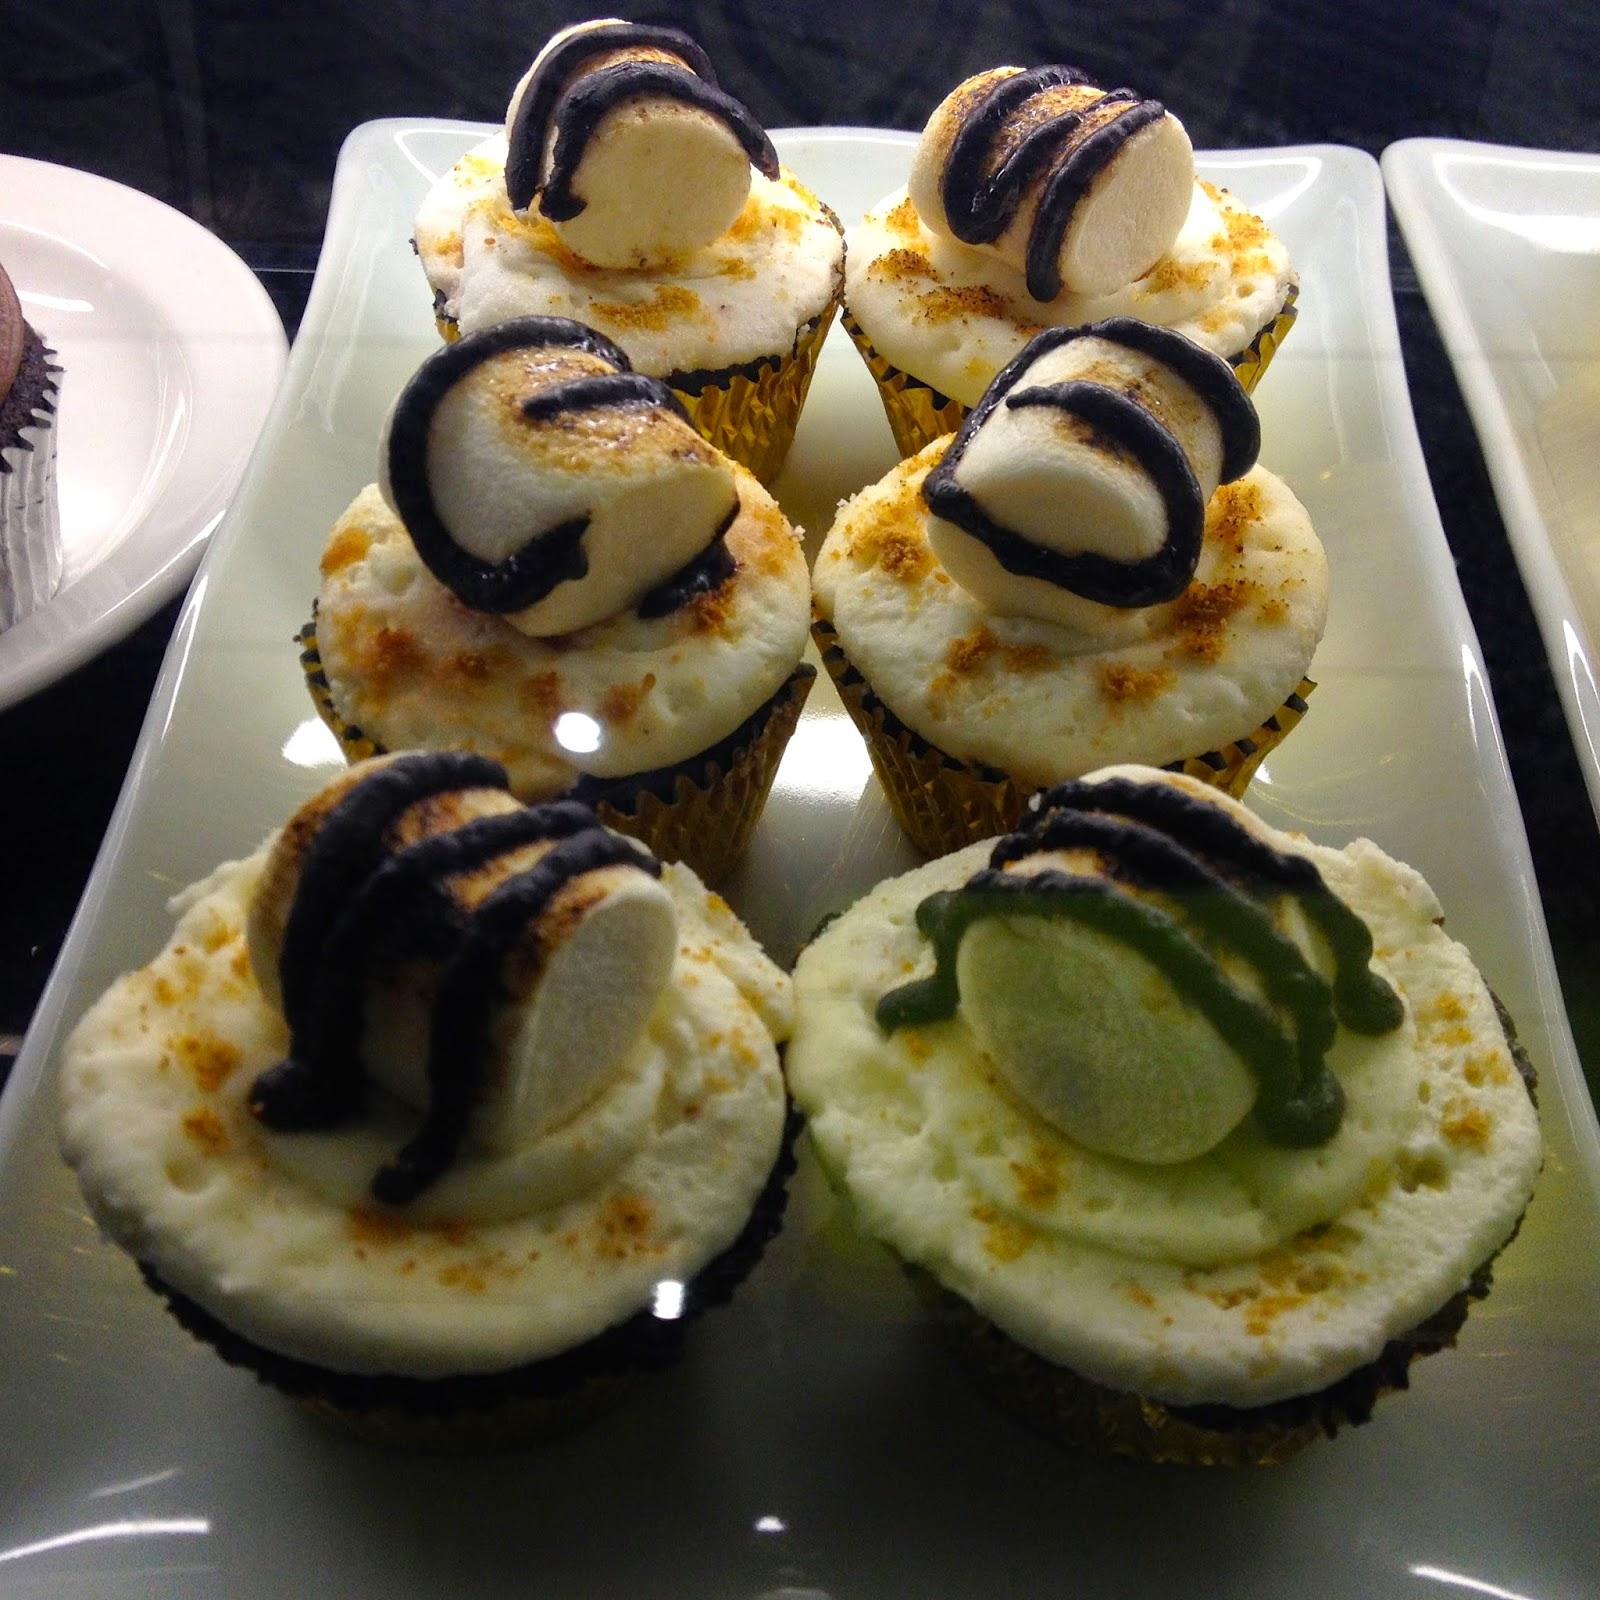 Cafe Racer Cebu dessert - Smores Cupcake